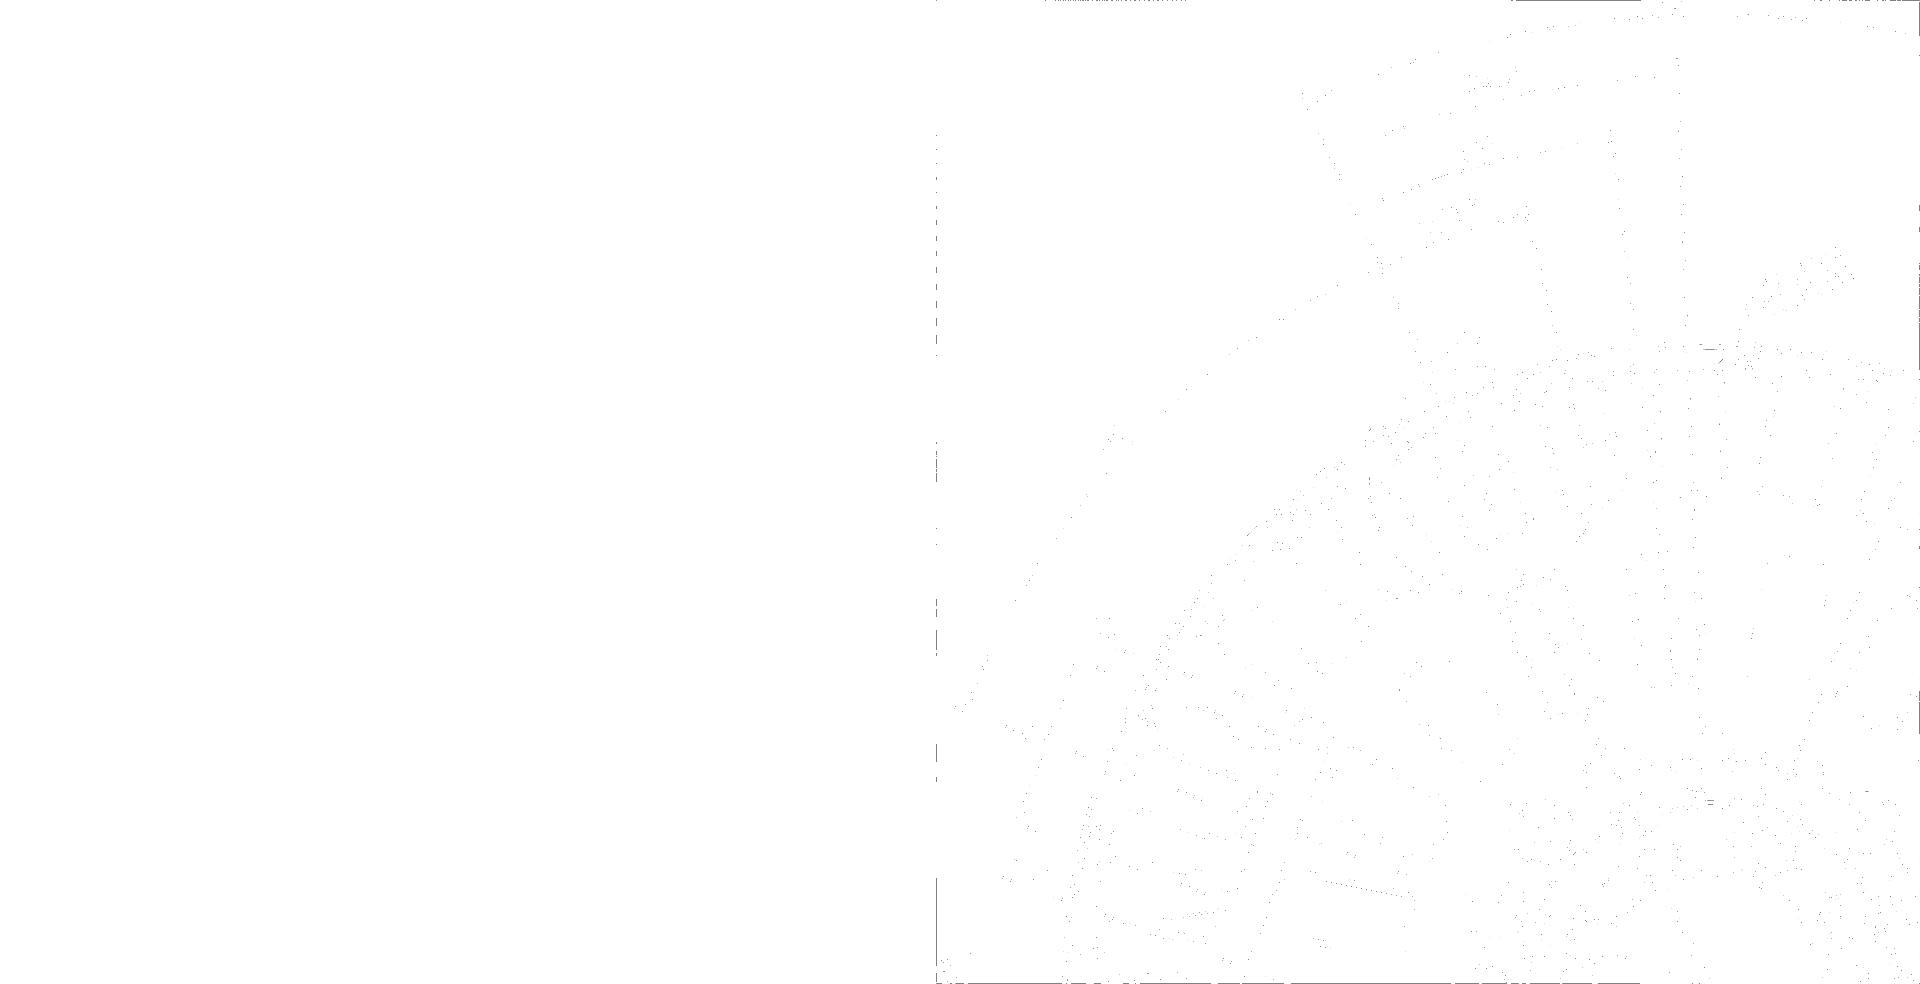 SK-Machining-technische-tekening